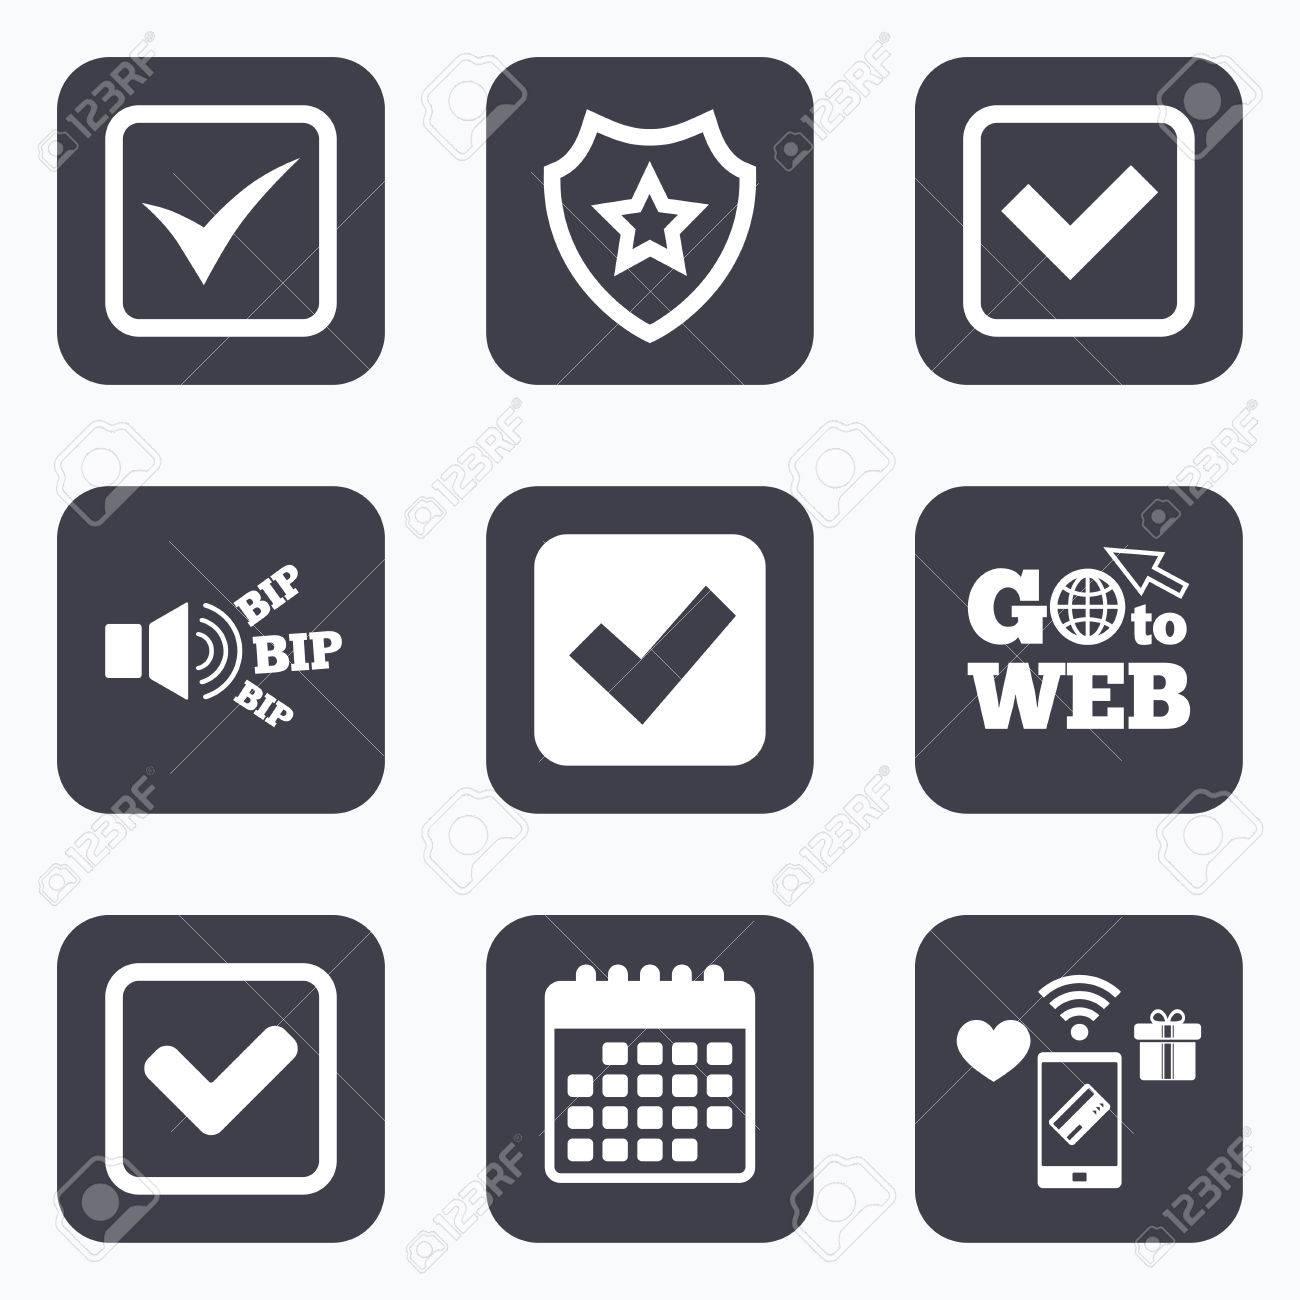 Calendrier A Cocher.Paiements Mobiles Wifi Et Icones De Calendrier Verifiez Les Icones La Case A Cocher Confirme Les Symboles De Signe Carres Aller Au Symbole Web